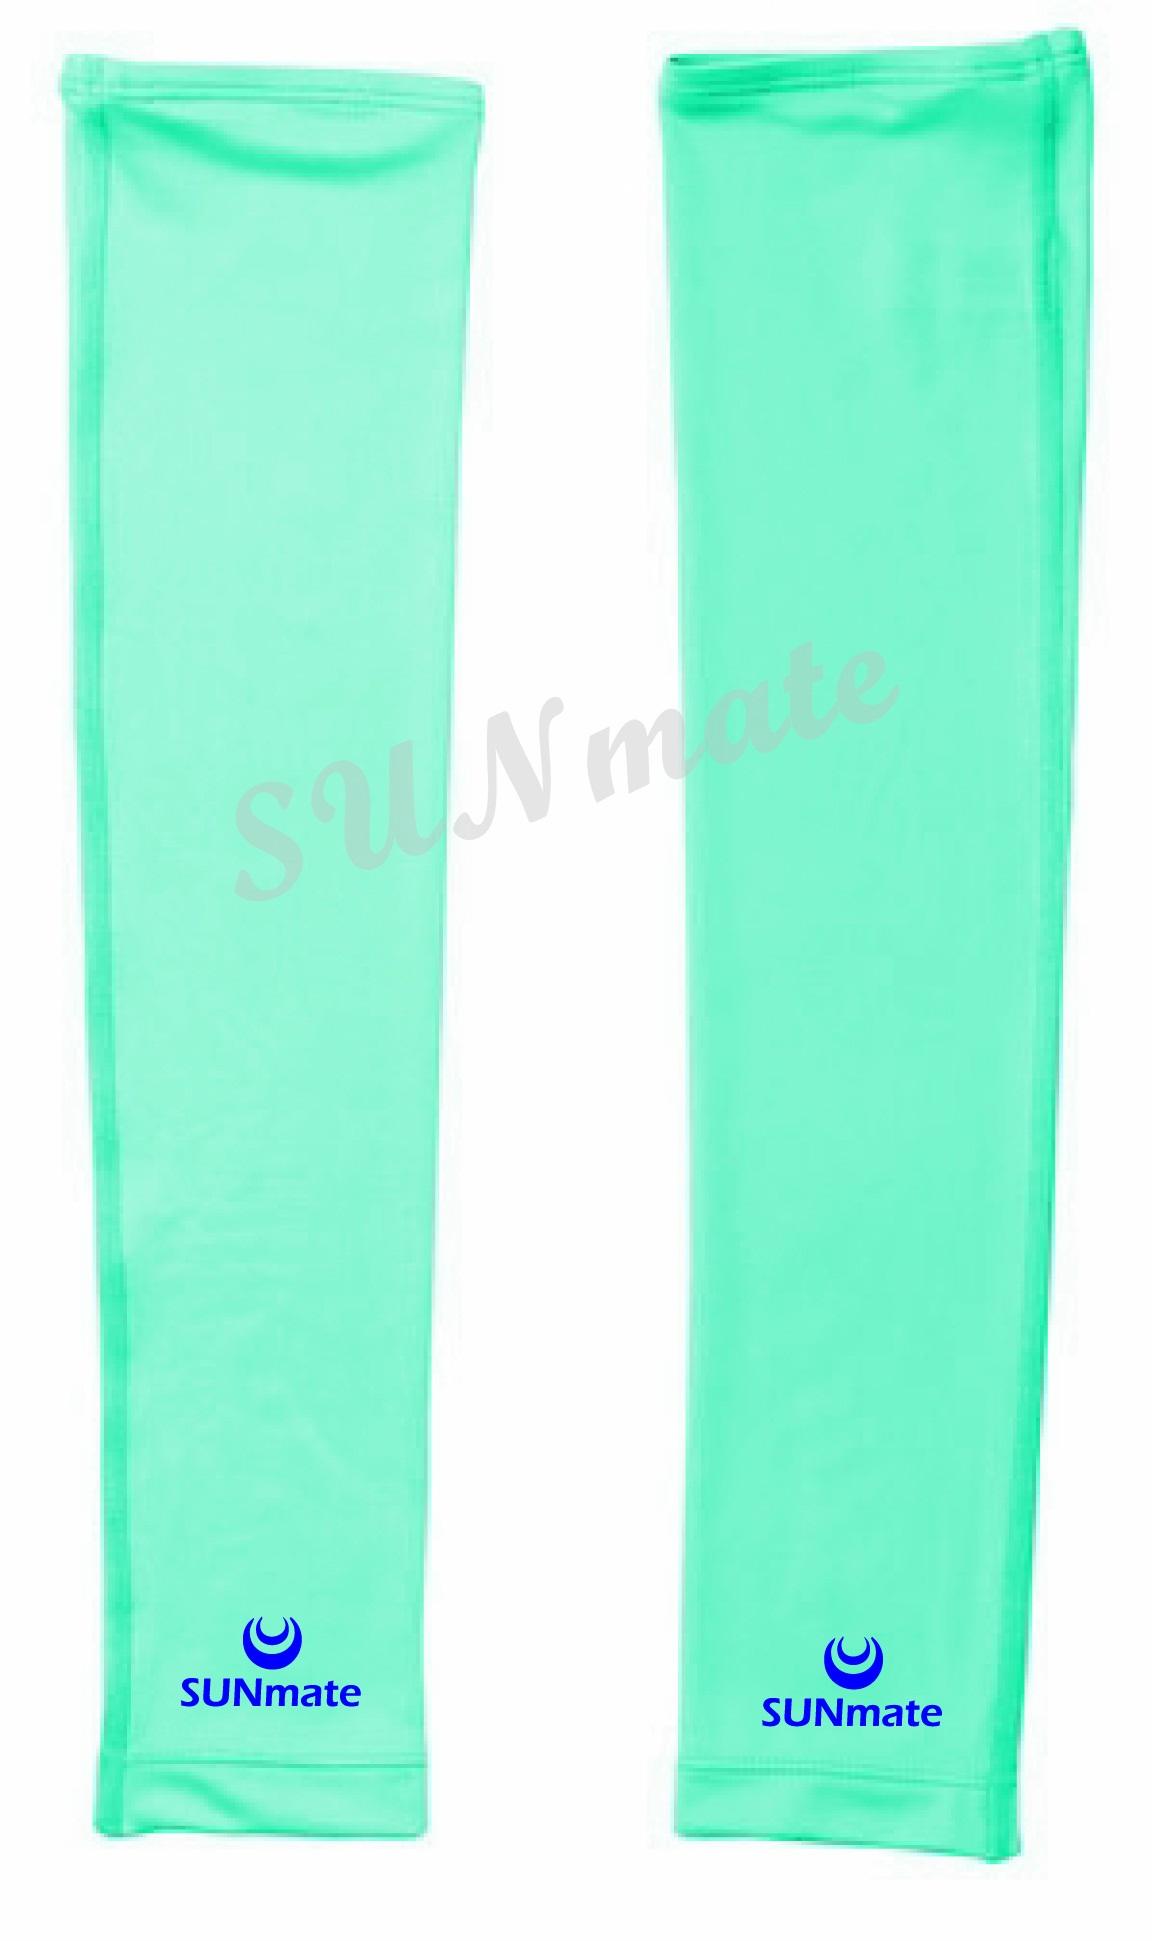 ปลอกแขนกันUV size XXL : Cool mint